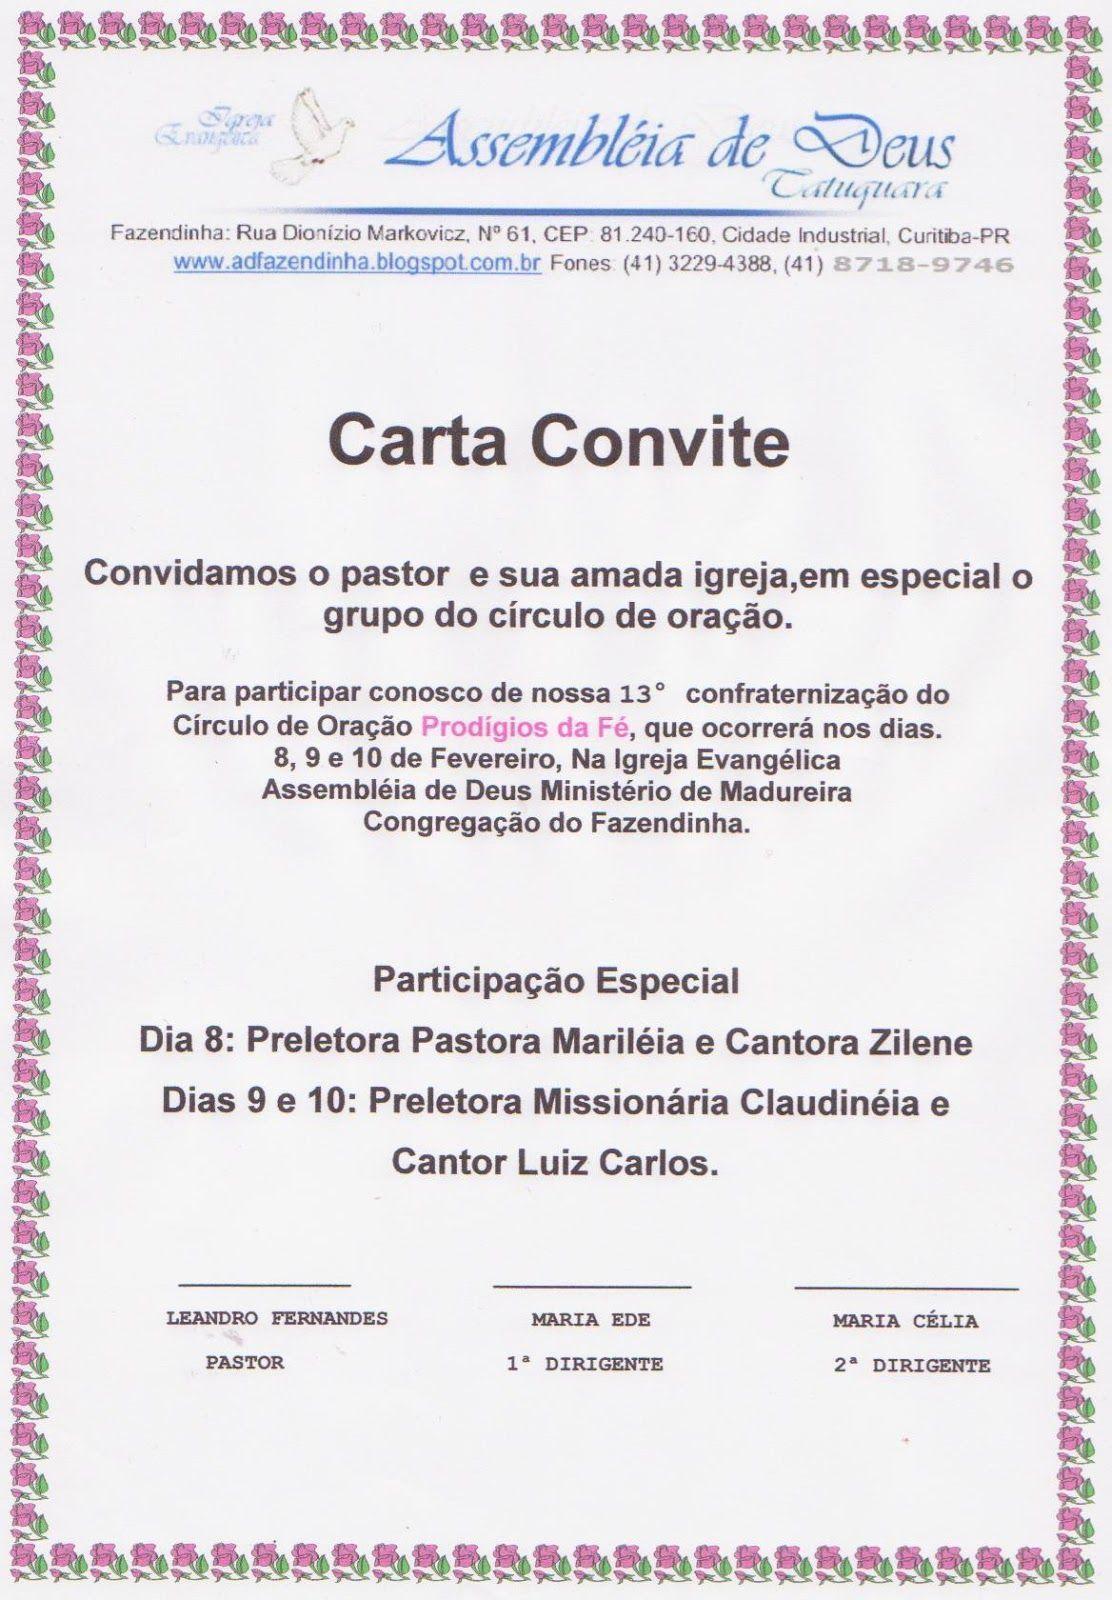 Modelo De Carta Convite De Igreja Evangelica